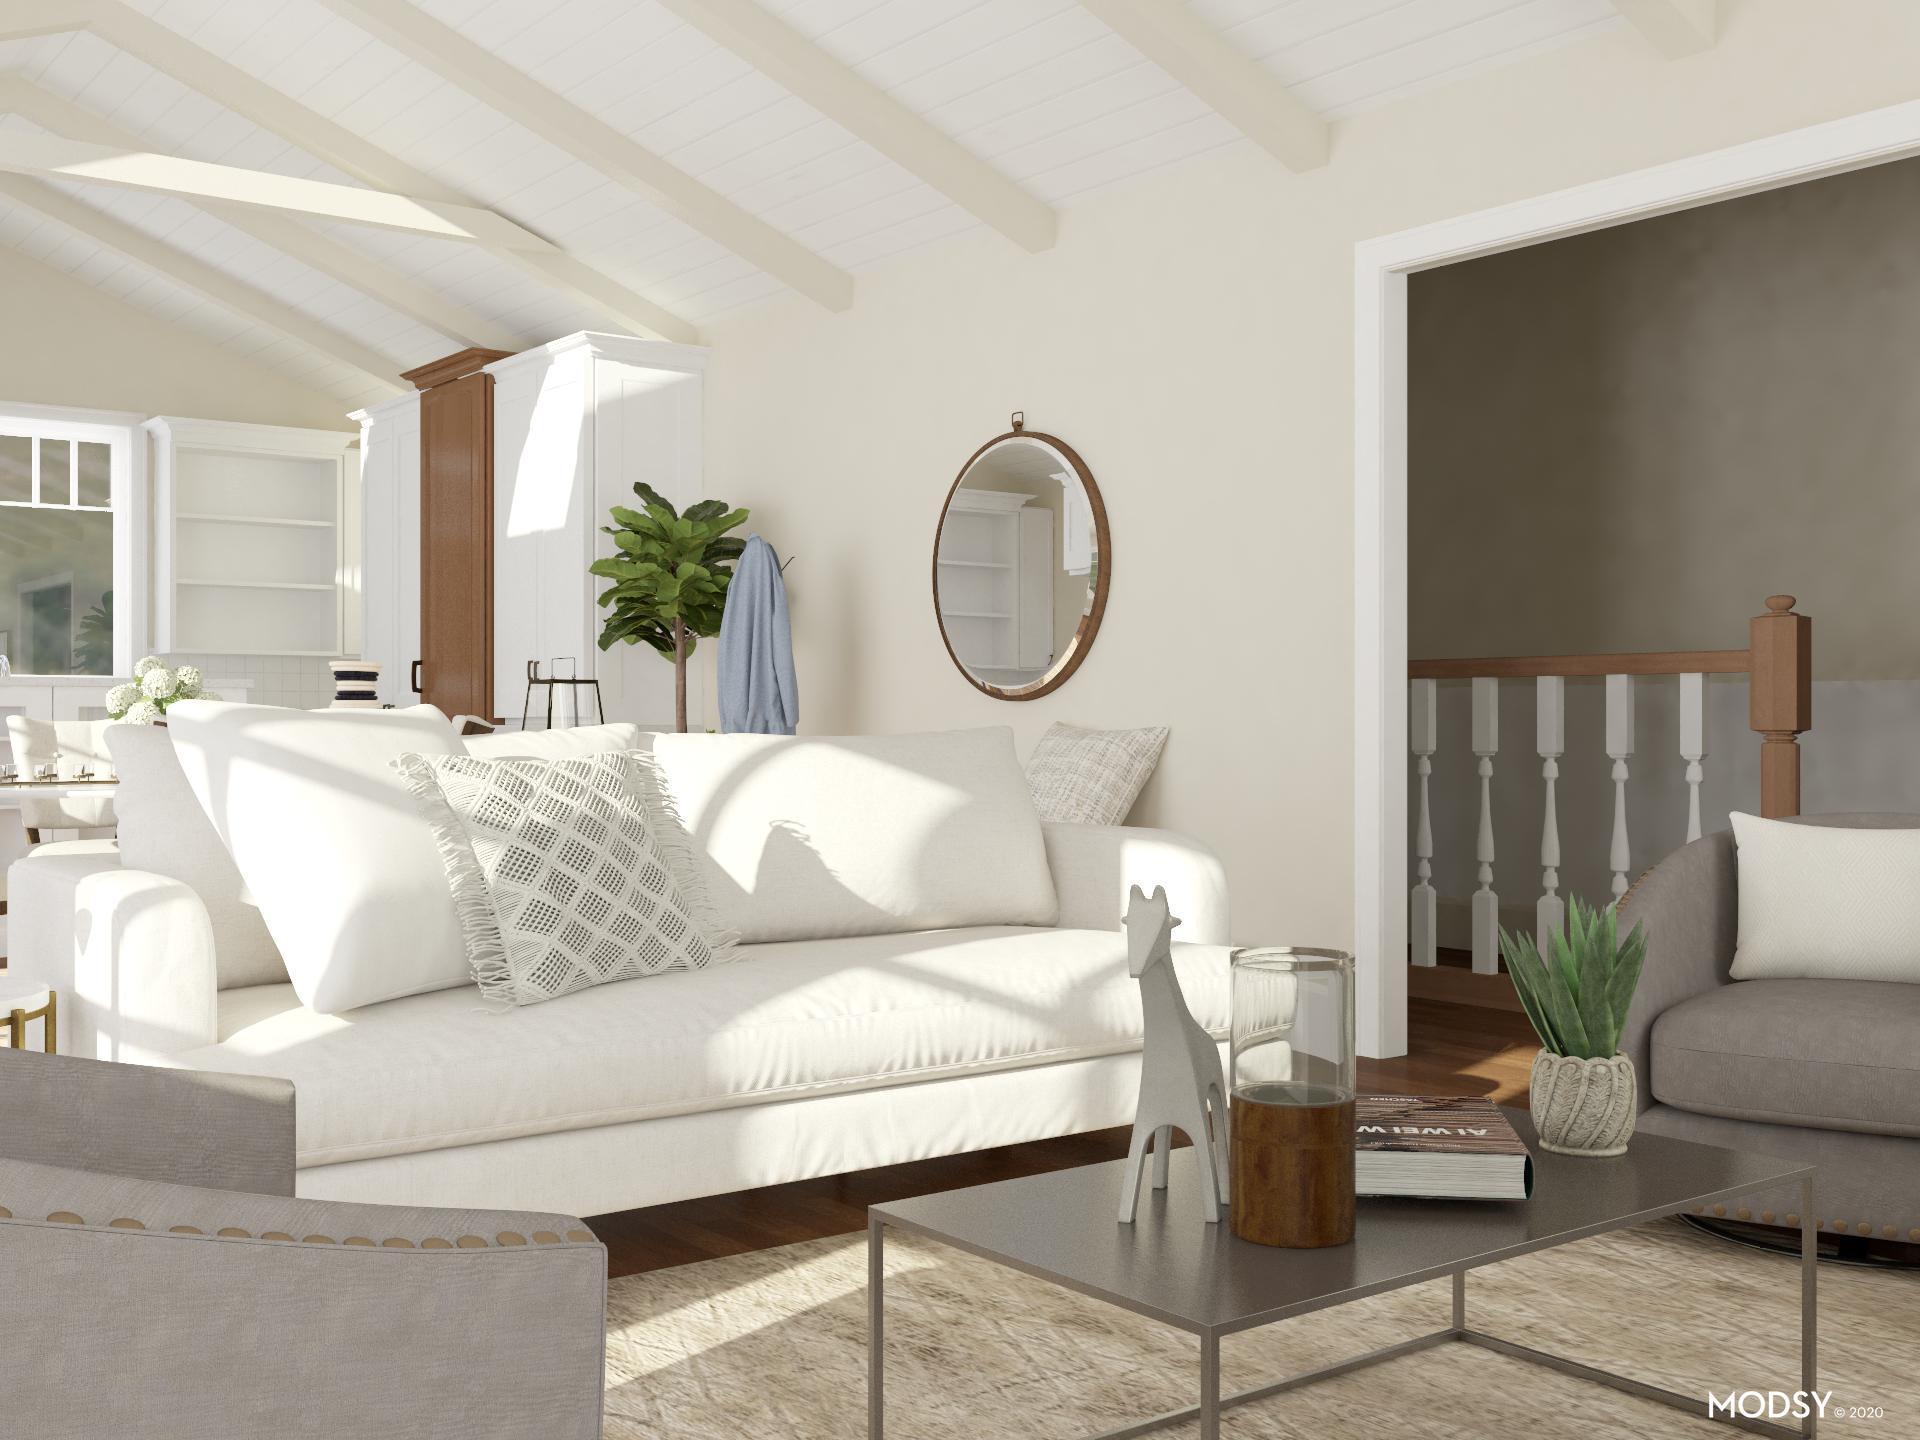 Comfortable Yet Minimal Furniture Minimalist Style